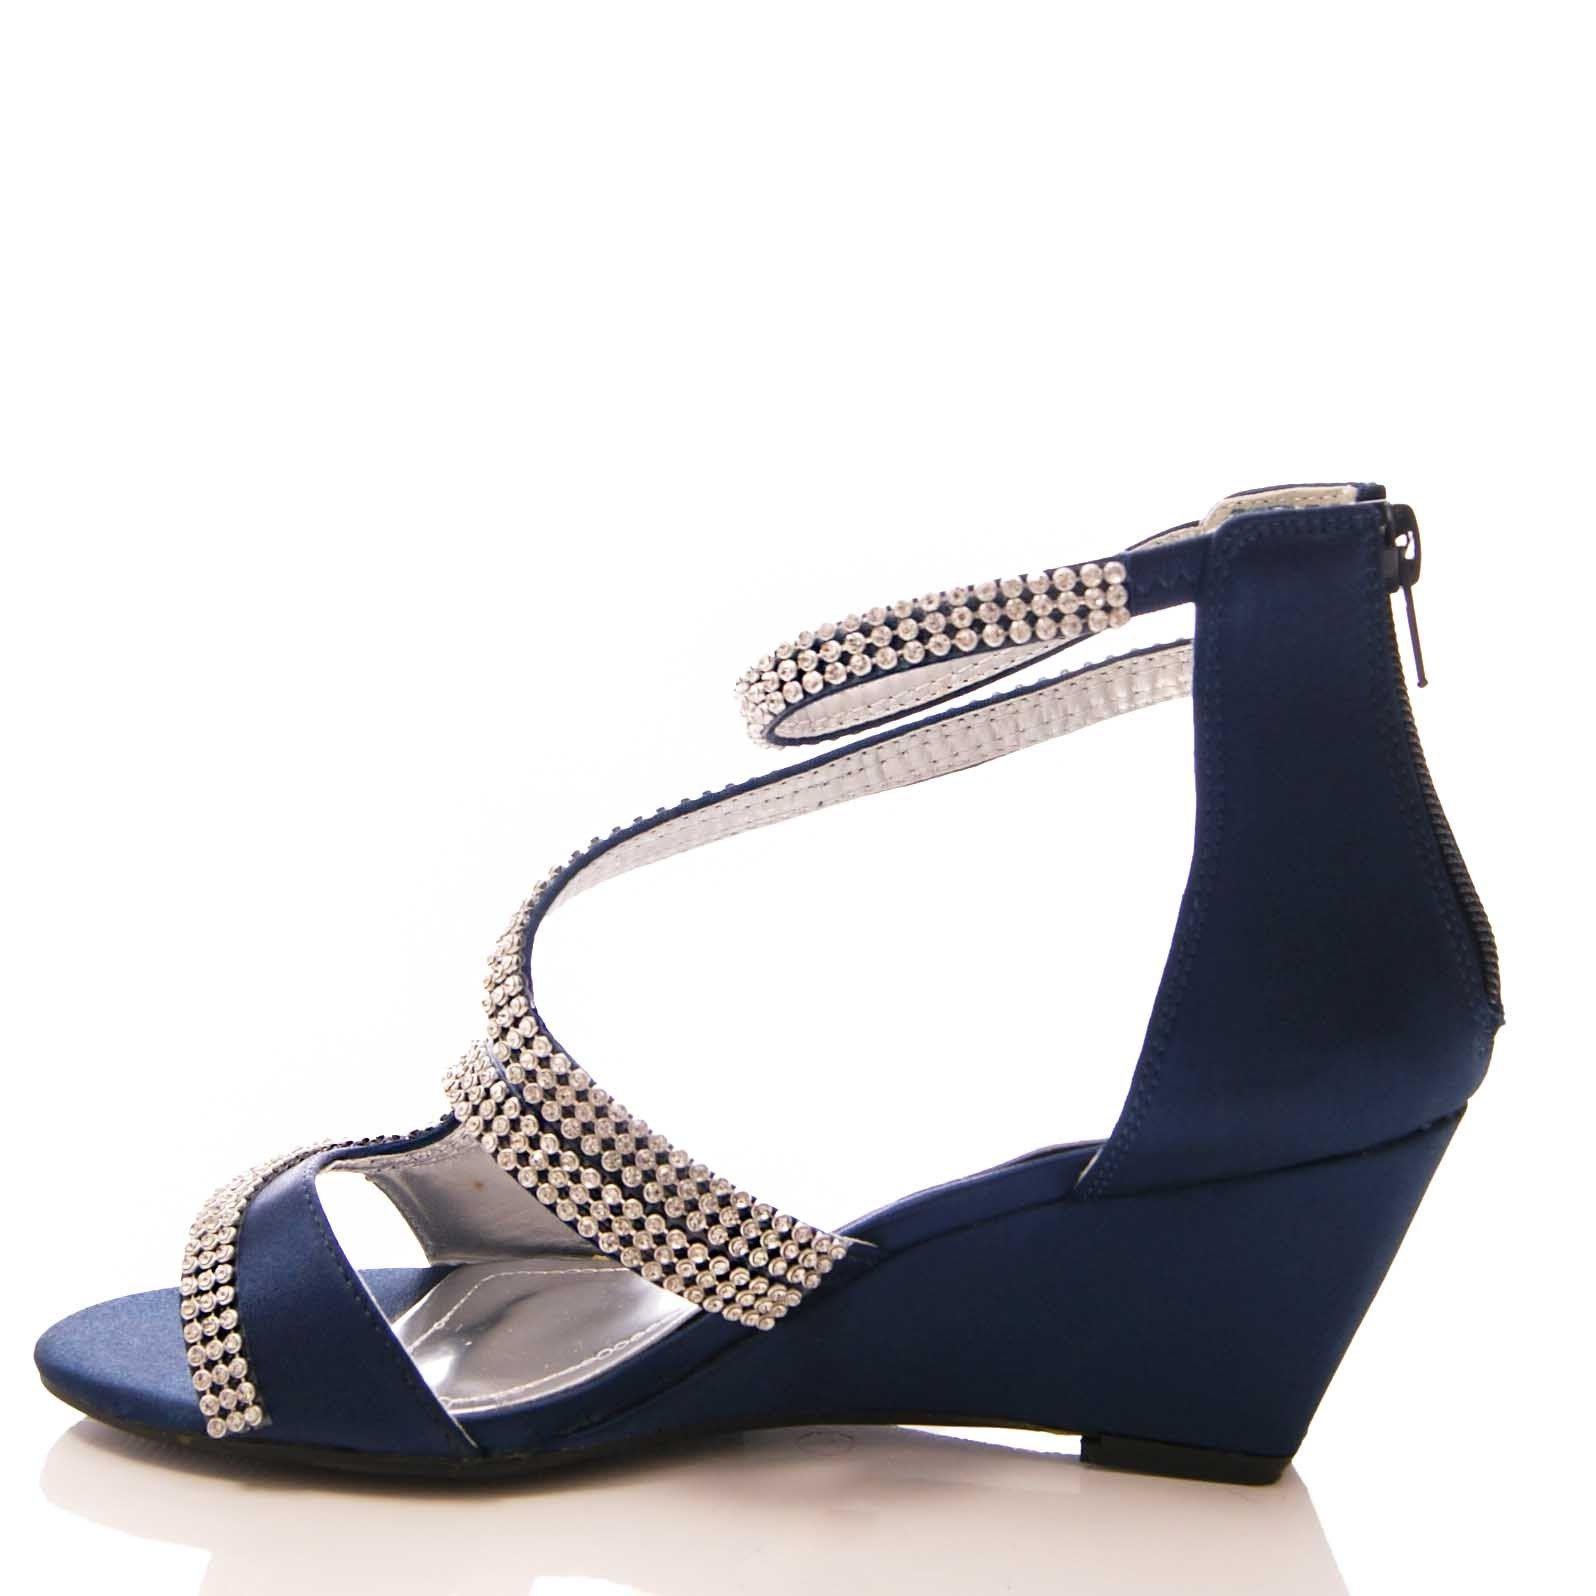 Tmavě modré společenské sandálky, 36-41 - Obrázek č. 2